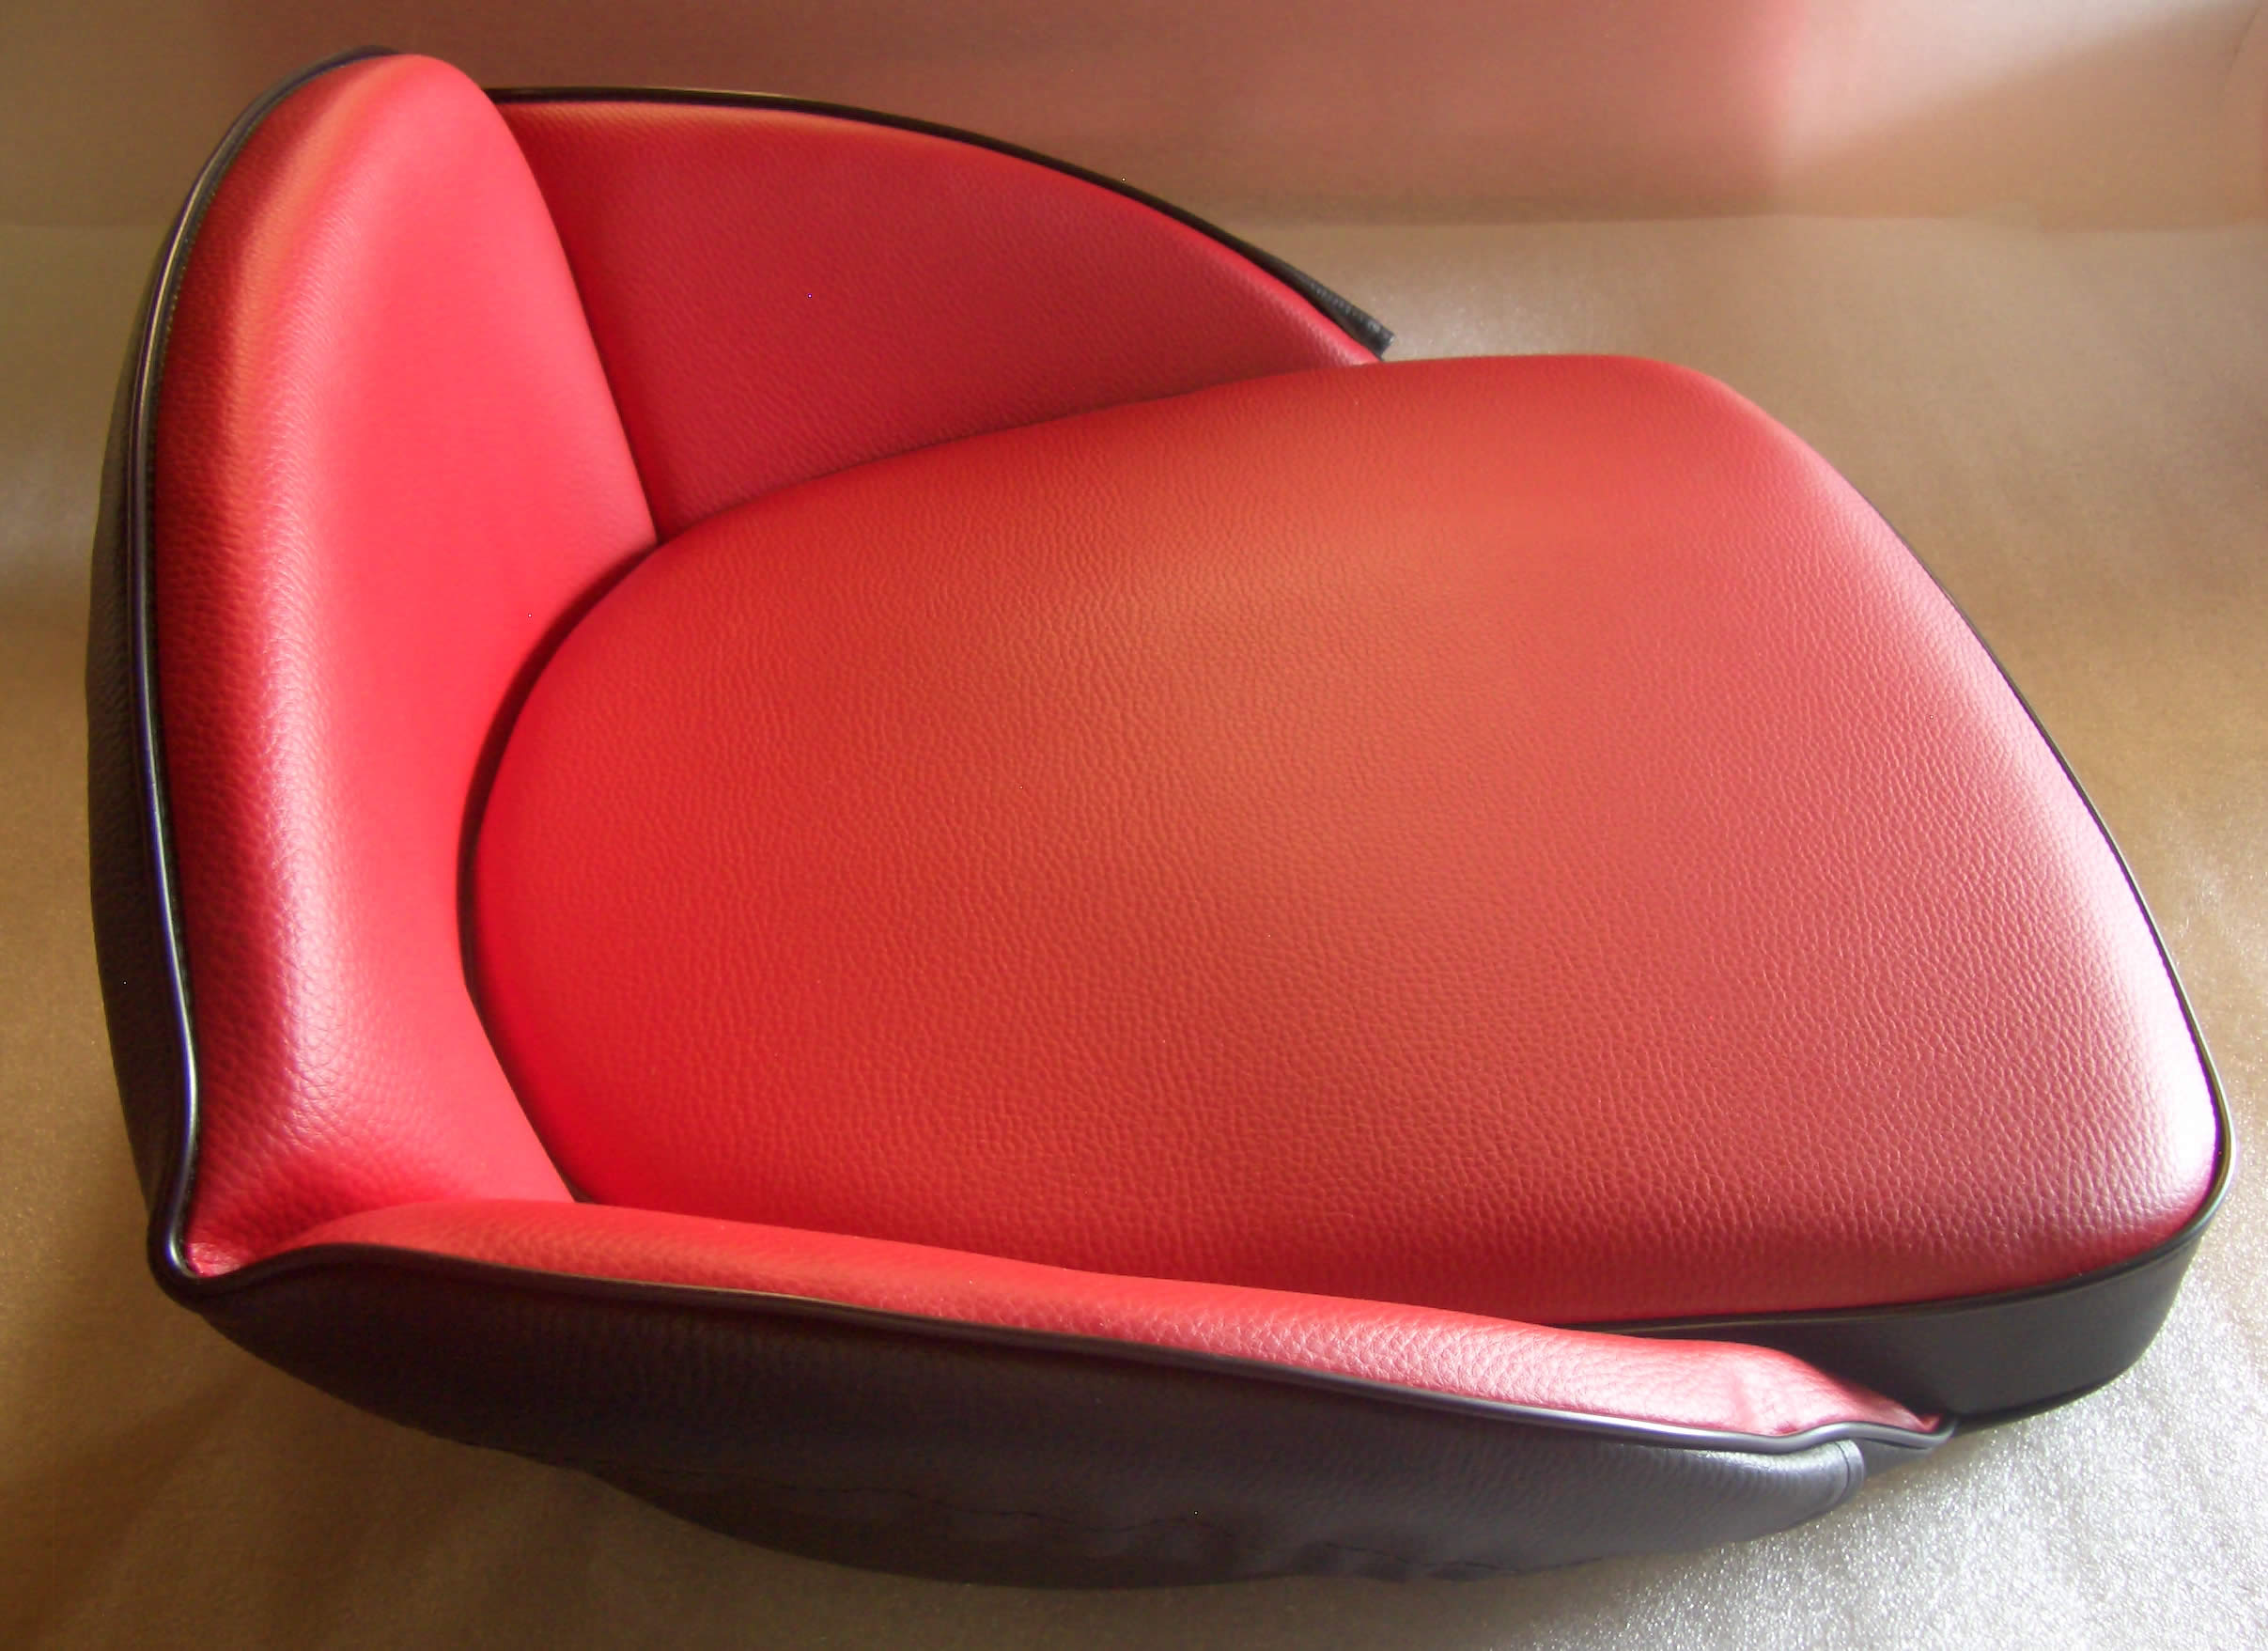 oldtimer jehle traktor sitzkissen niedriglehner rot. Black Bedroom Furniture Sets. Home Design Ideas